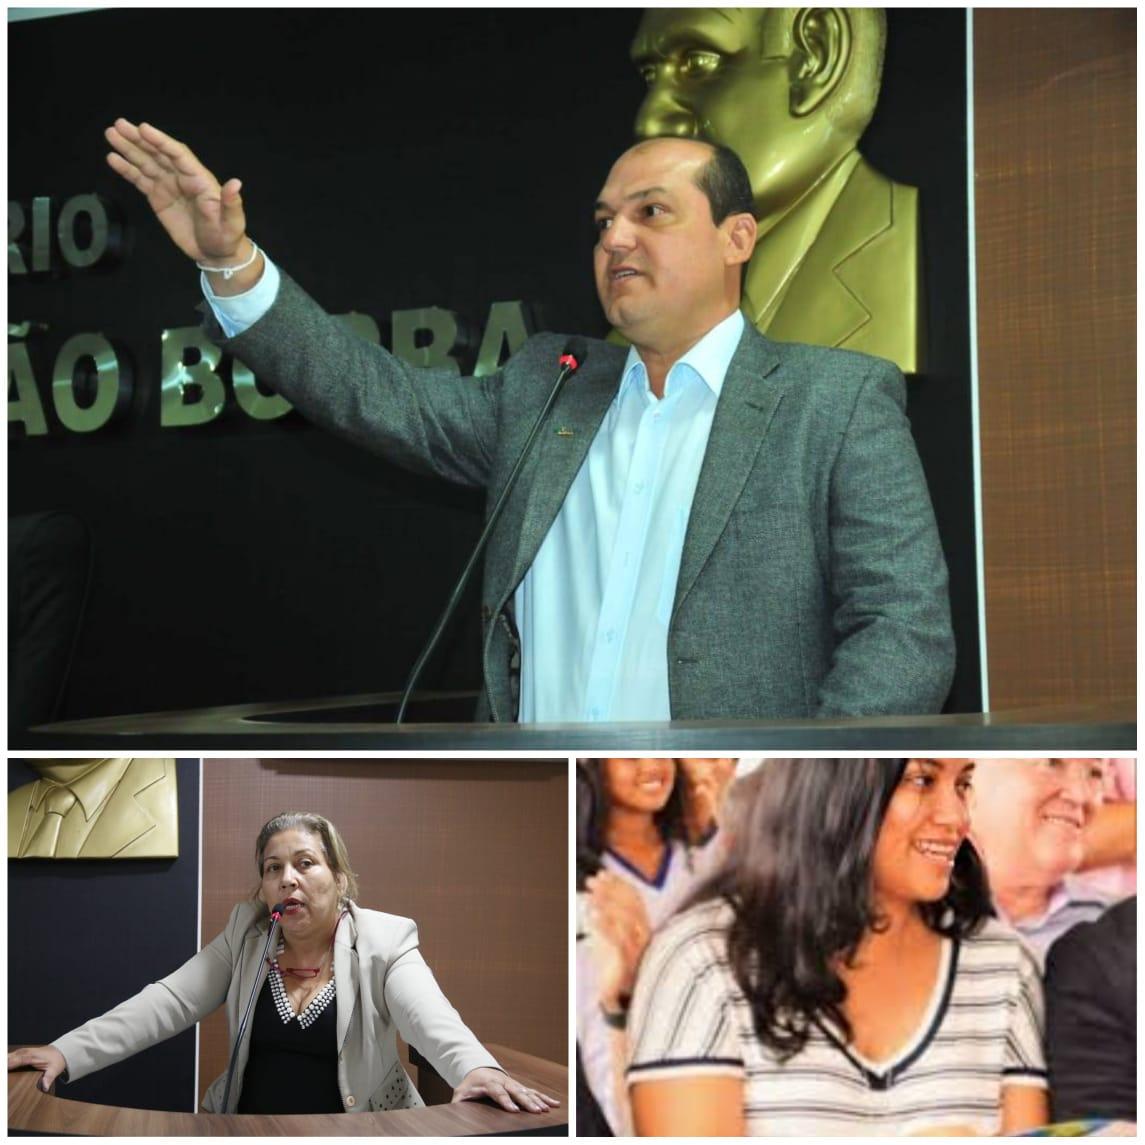 Miracema deverá contar com 3 pré-candidatos a prefeito